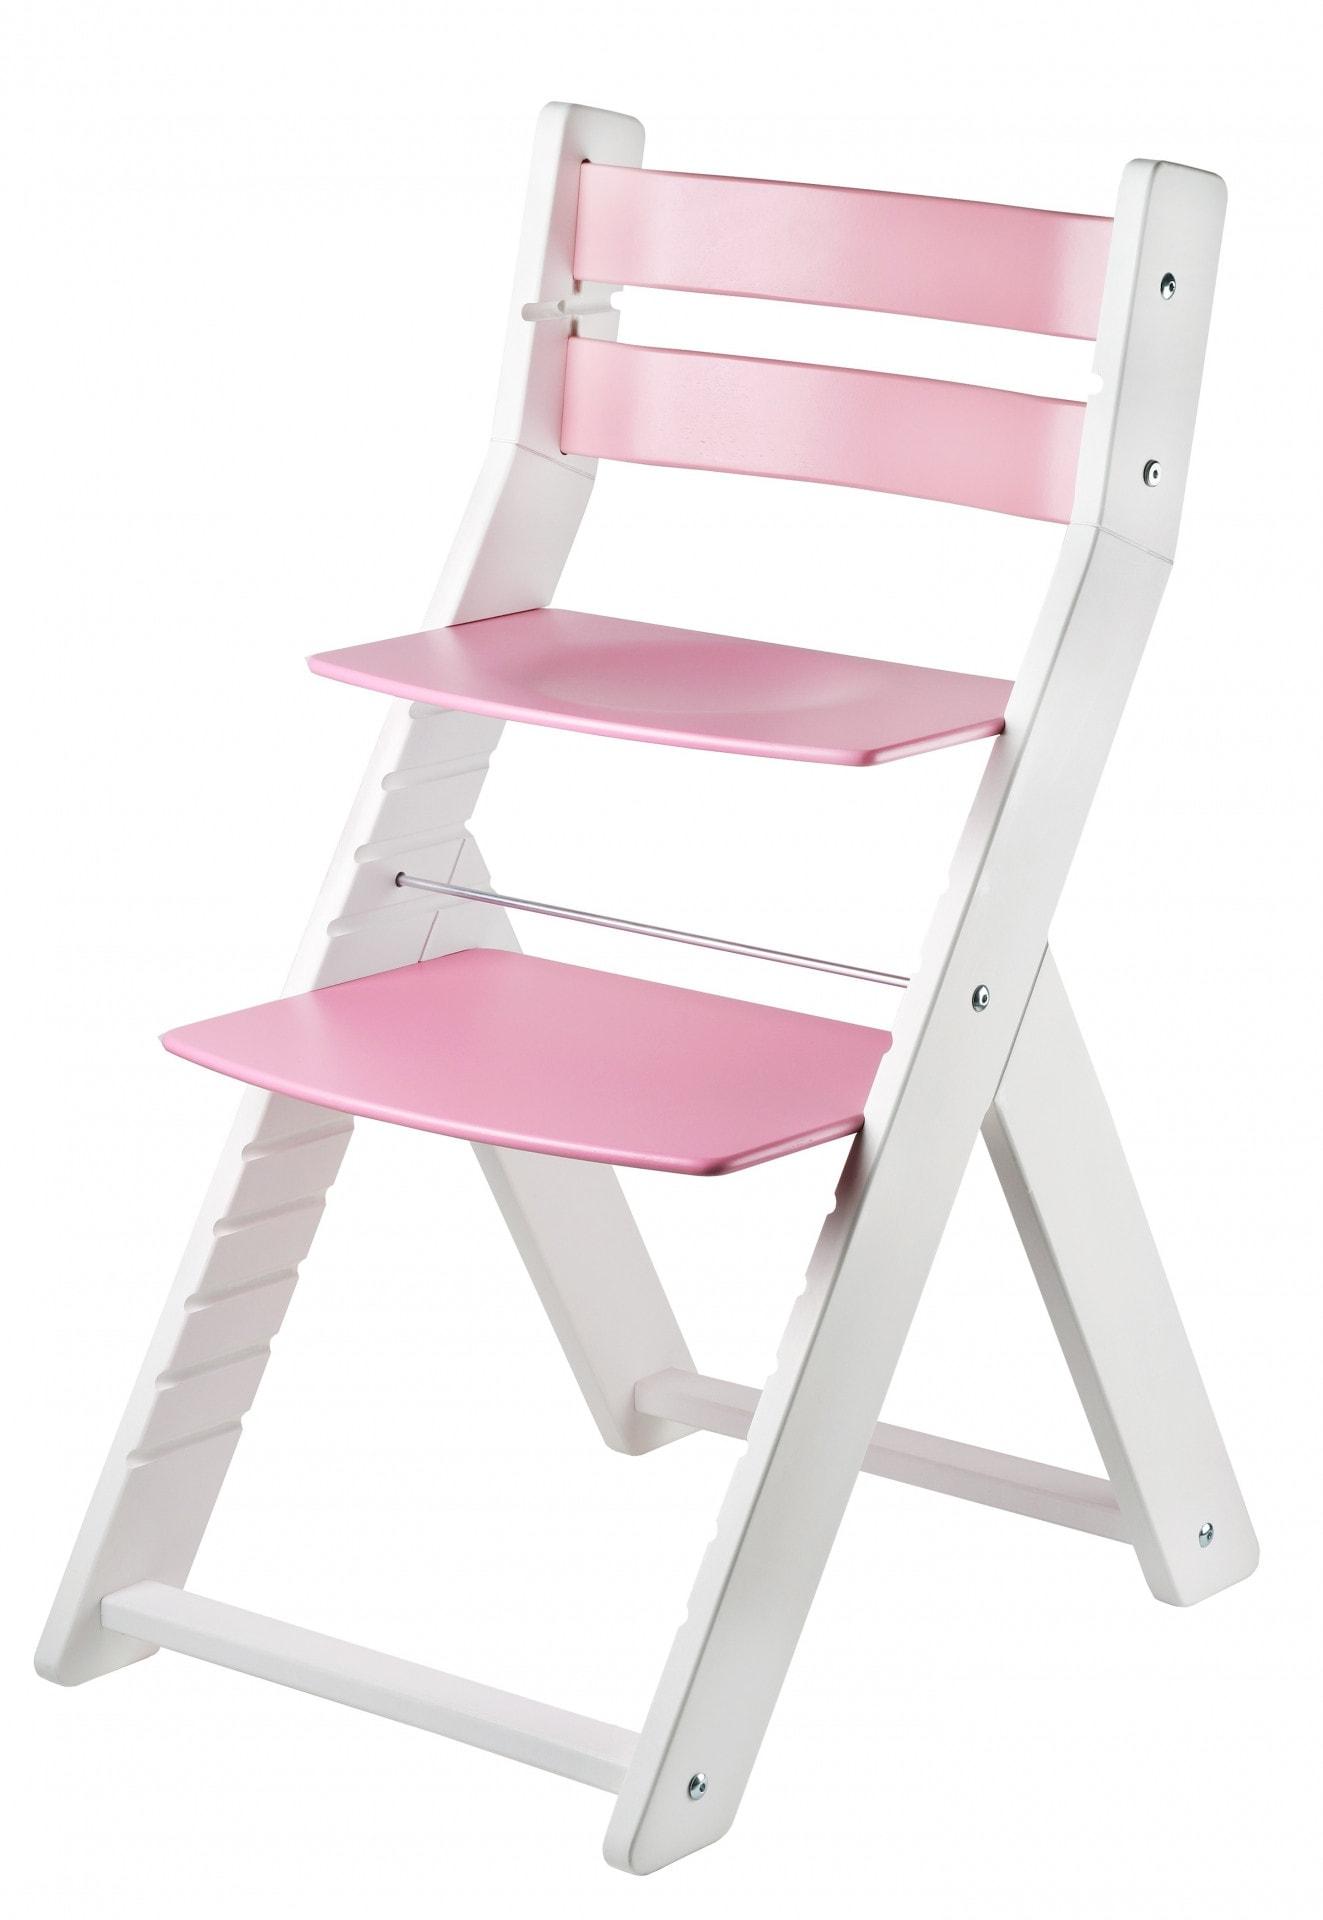 Wood Partner Rostoucí židle Sandy - bílá / růžová